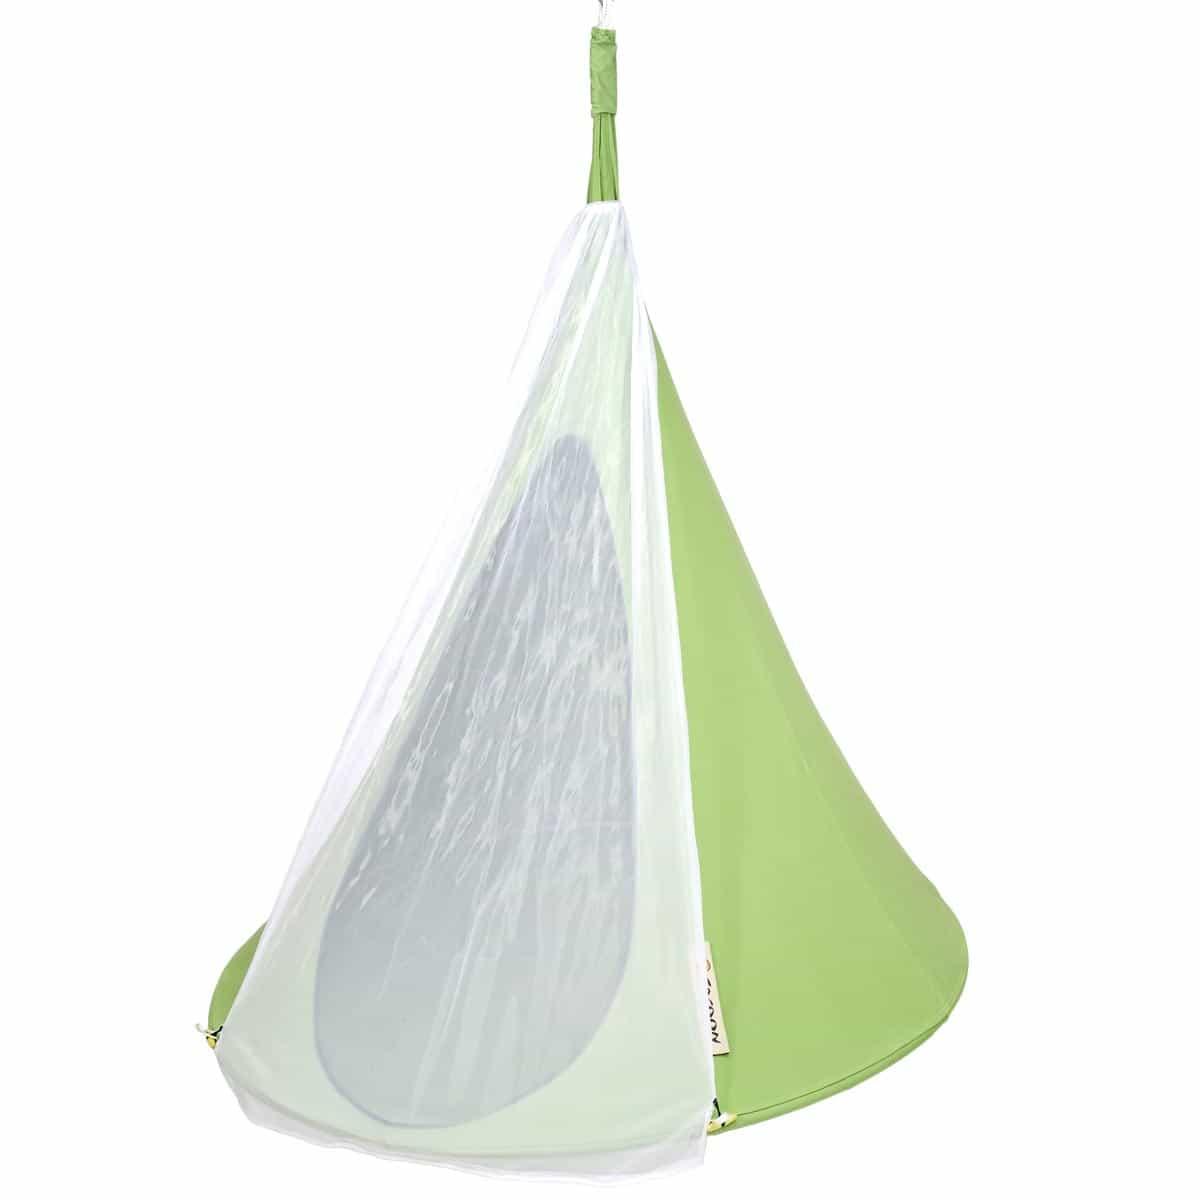 Porte moustiquaire cacoon choisir taille hamacs tentes et voiles for Taille porte